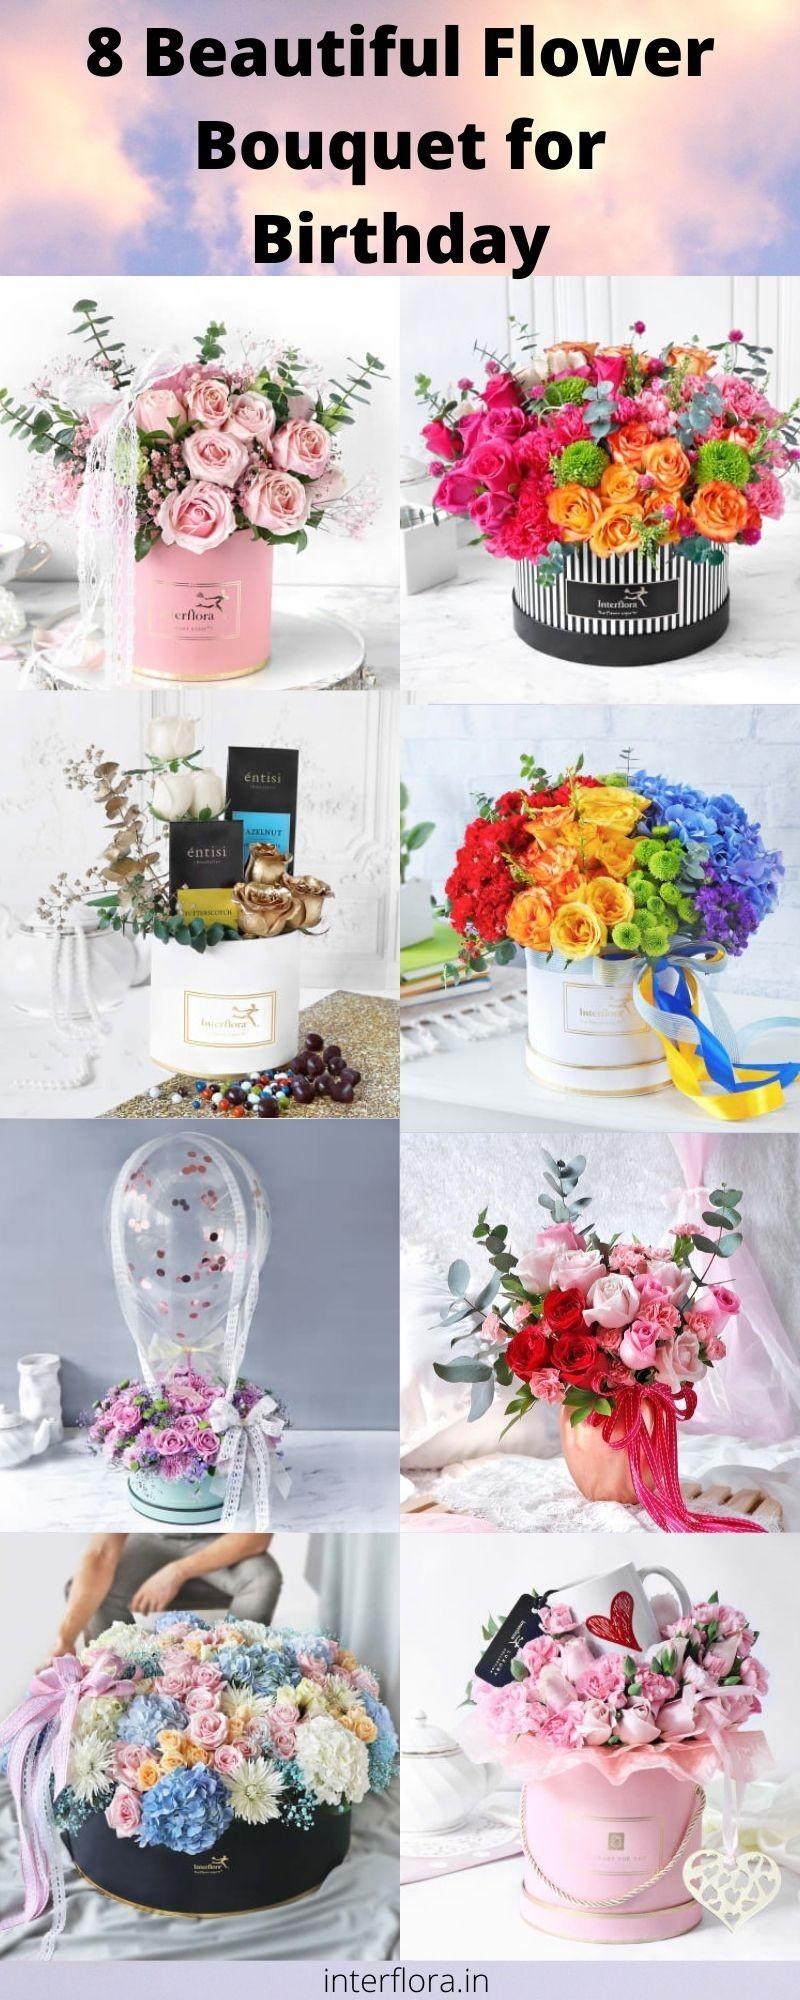 8 Birthday Flower Bouquet Idea - Interflora India